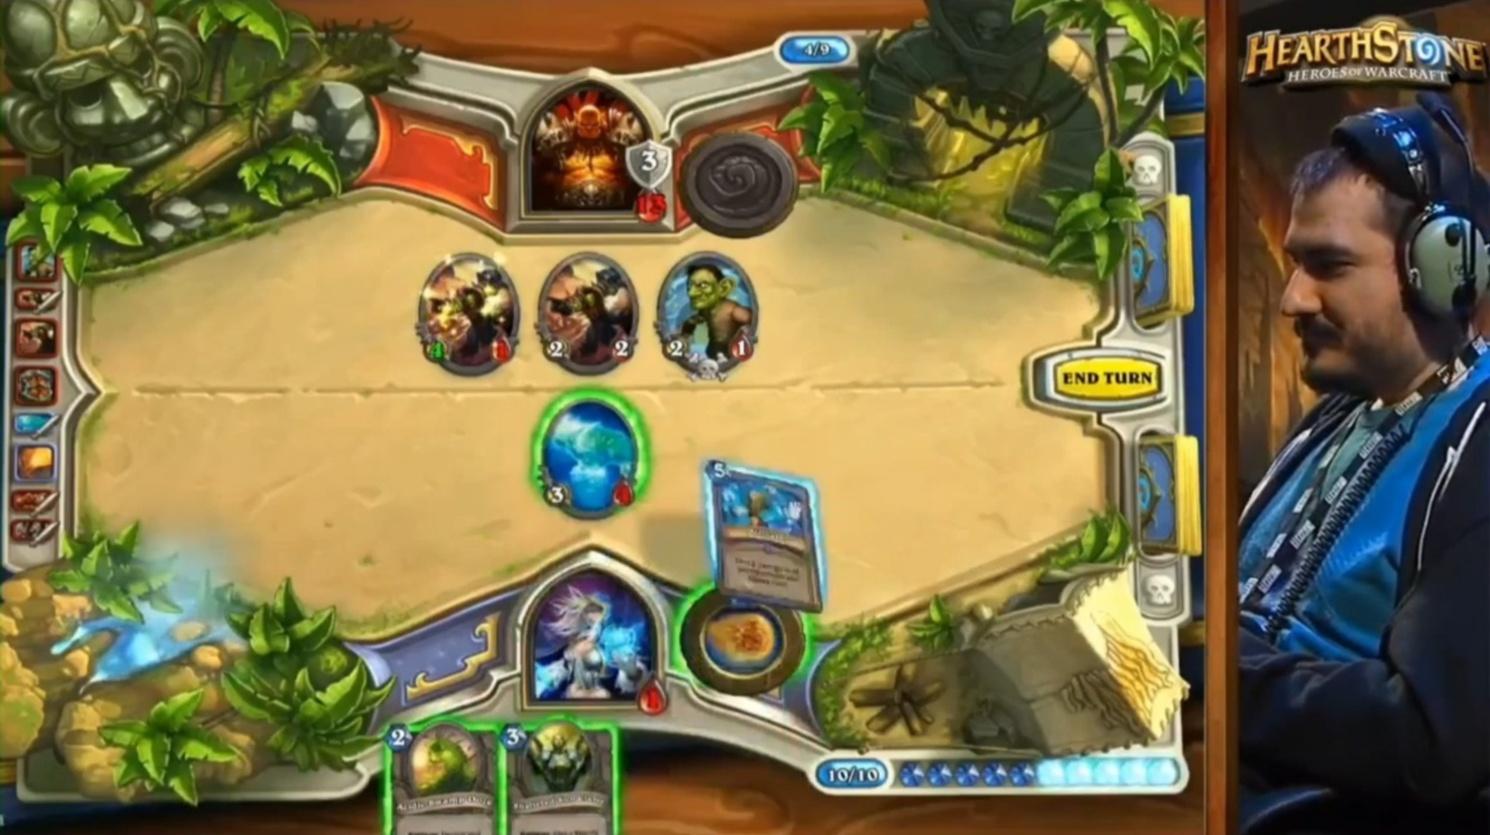 生き残るためには敵を殲滅するしかないが、Leper GnomeのDeathrattleでとどめを刺されてしまう―― Blizzardのプレイによる自決という、劇的な幕切れとなった決勝戦。